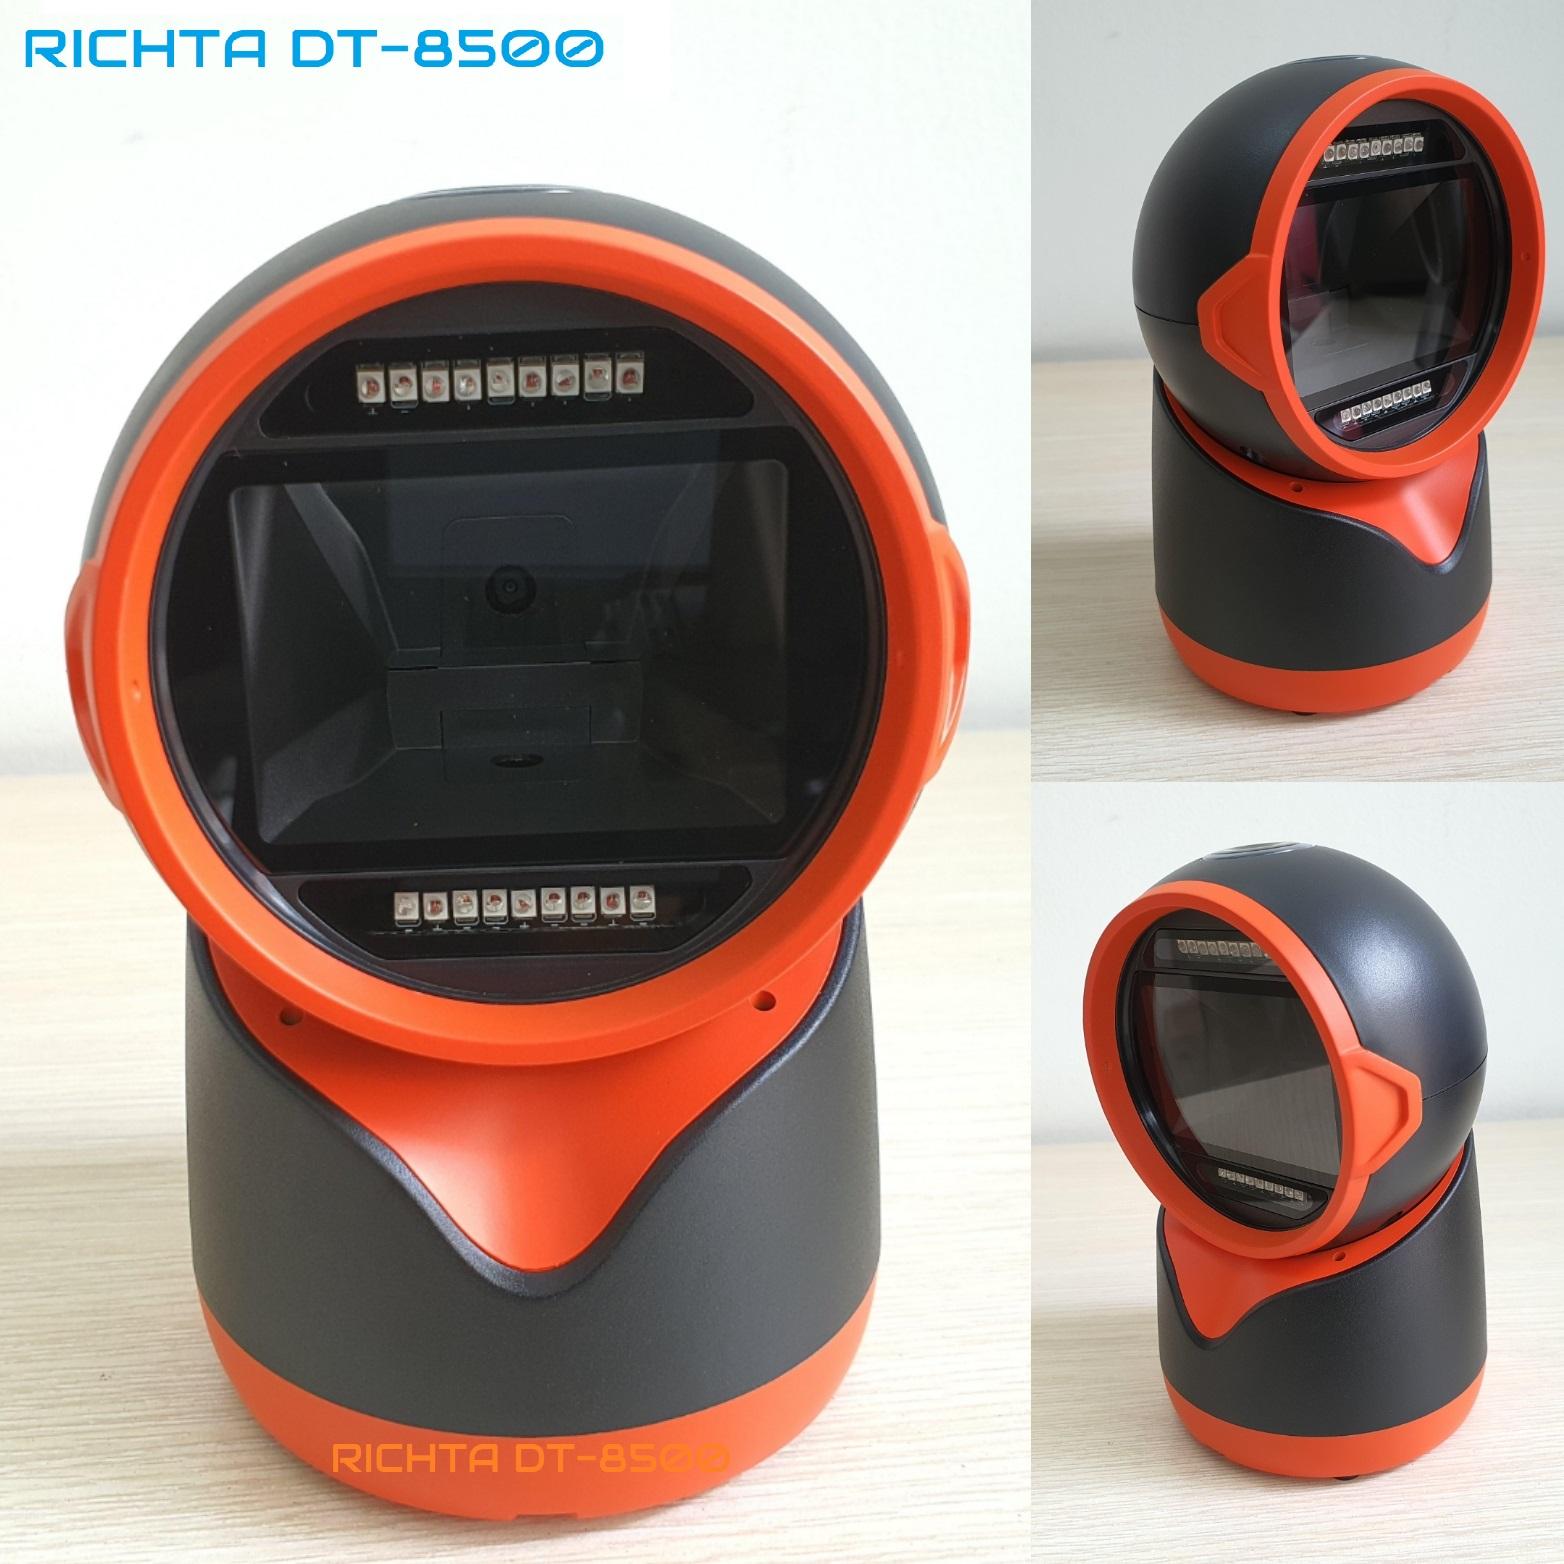 Richta DT-8500